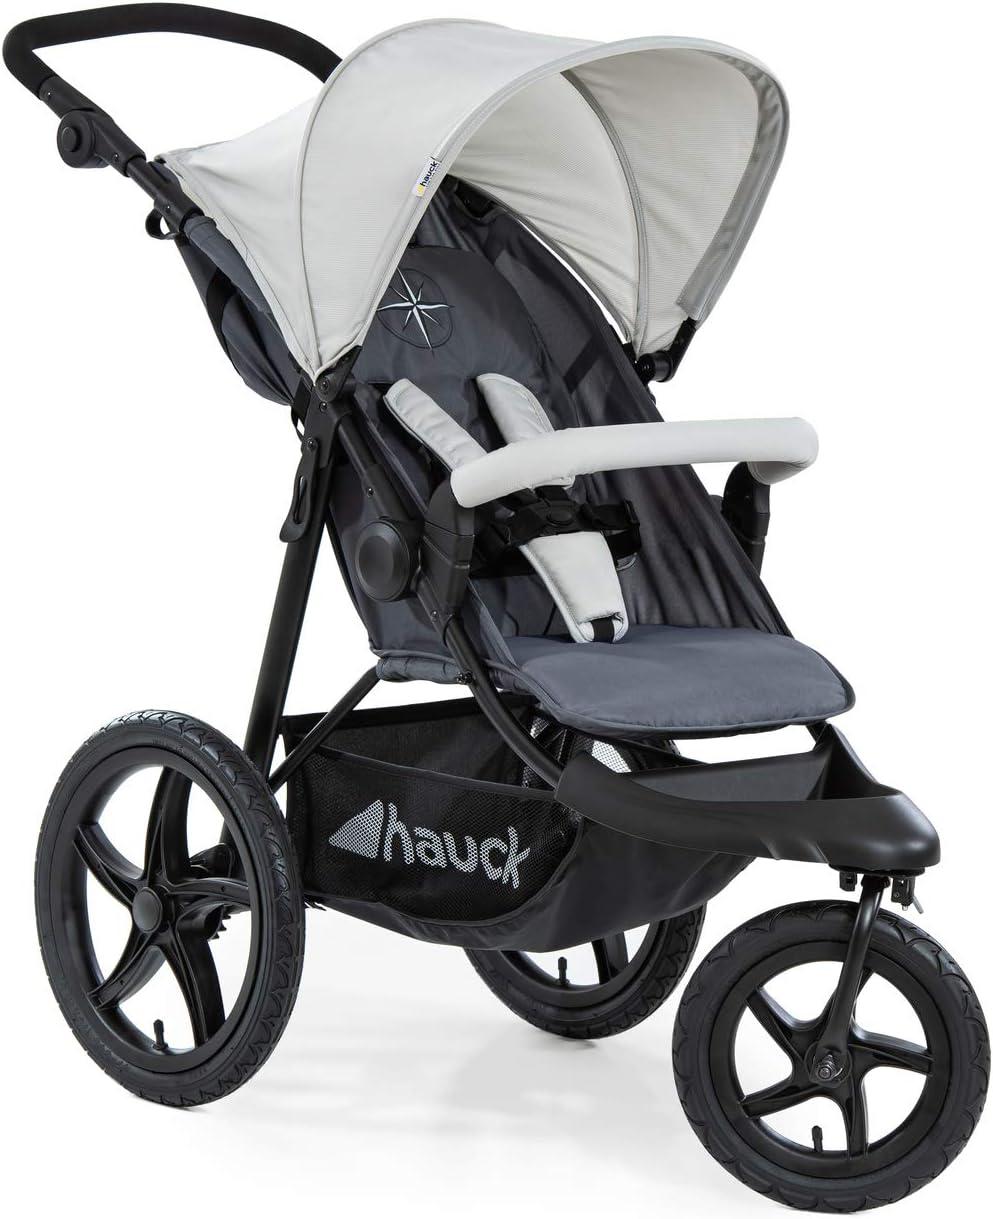 Hauck Runner - Silla de paseo con 3 ruedas neumaticas, plegado compacto, ruedas XL con camara de aire, para recien nacidos y, apto hasta 25kg, gris